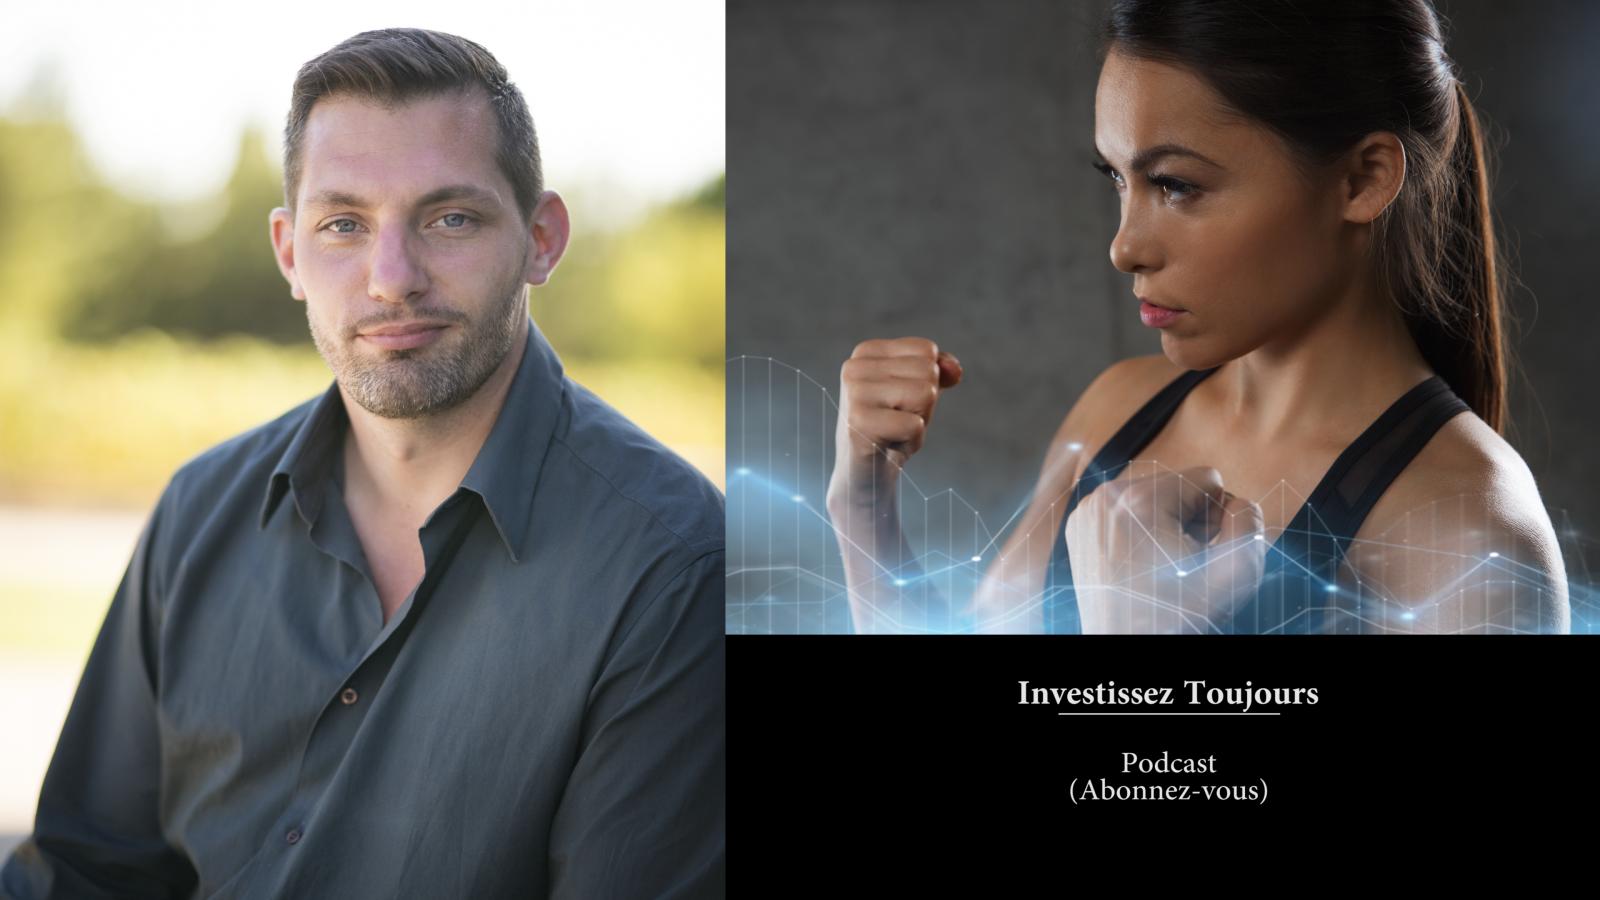 5eme podcast : Investissez Toujours